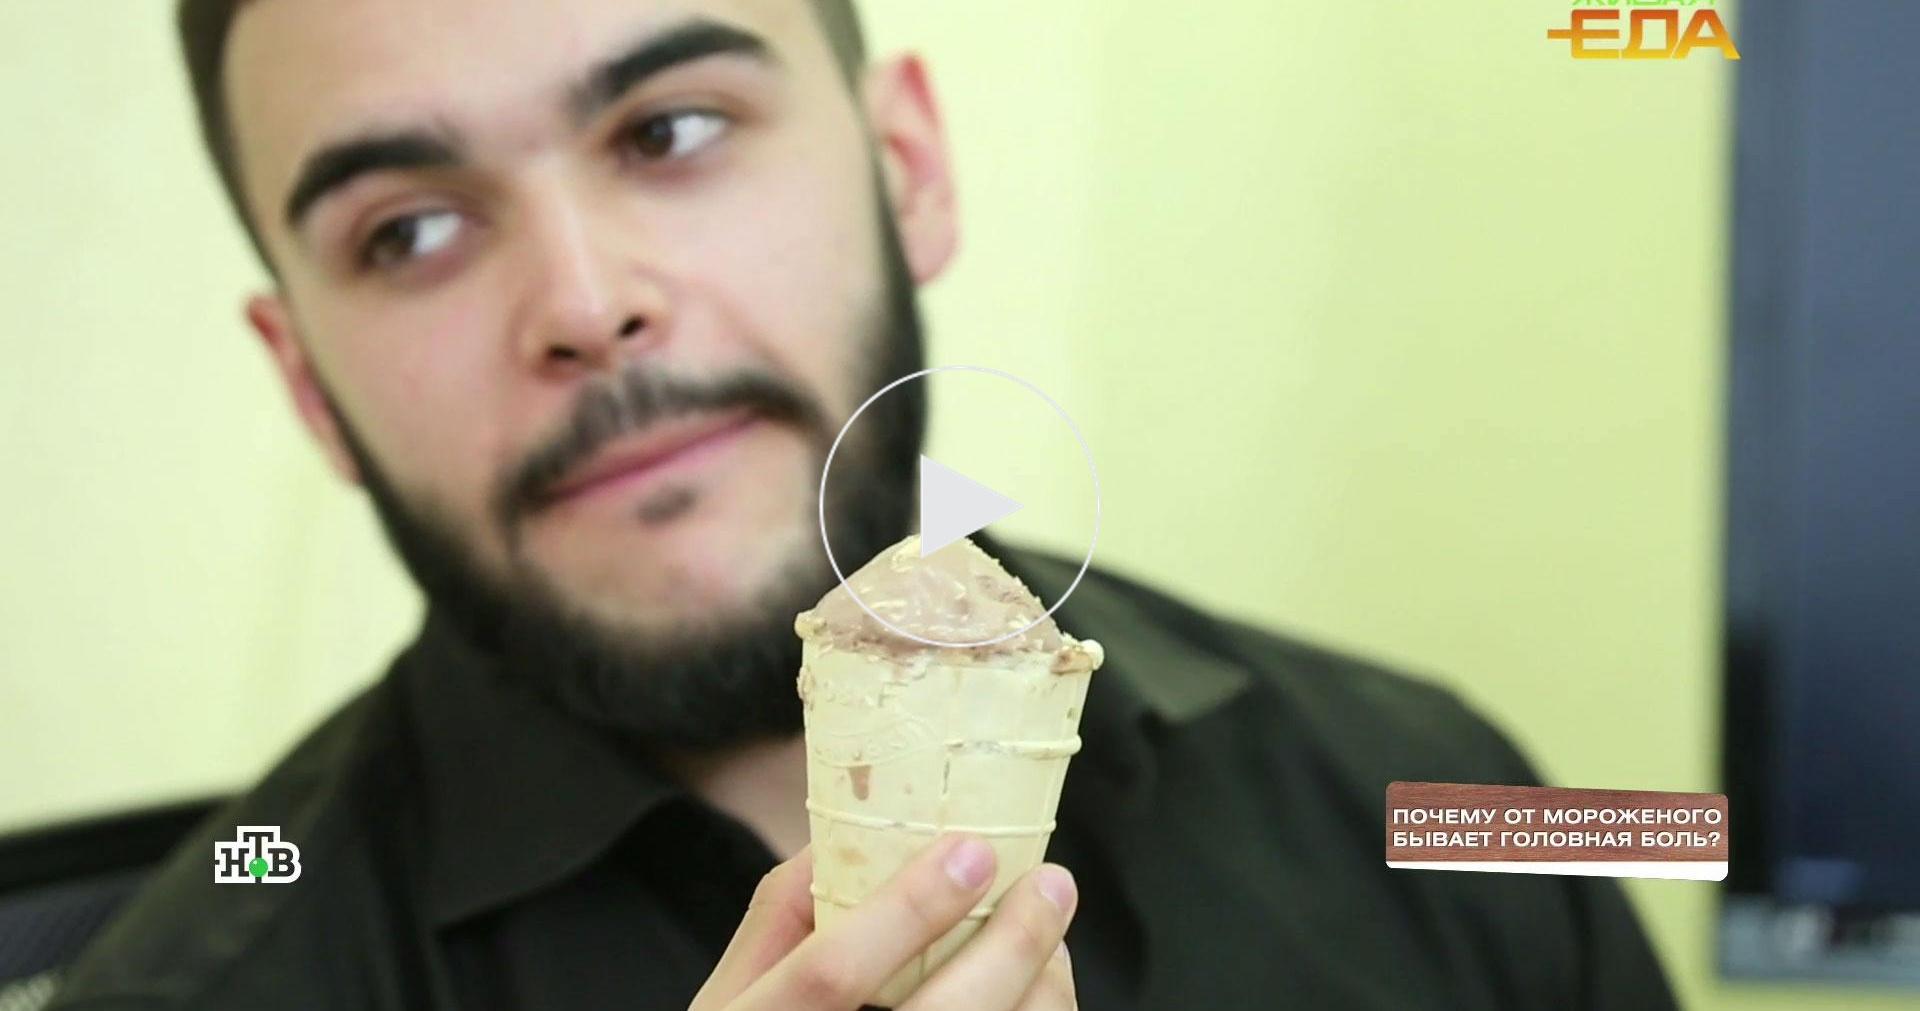 Почему от мороженого может заболеть голова?